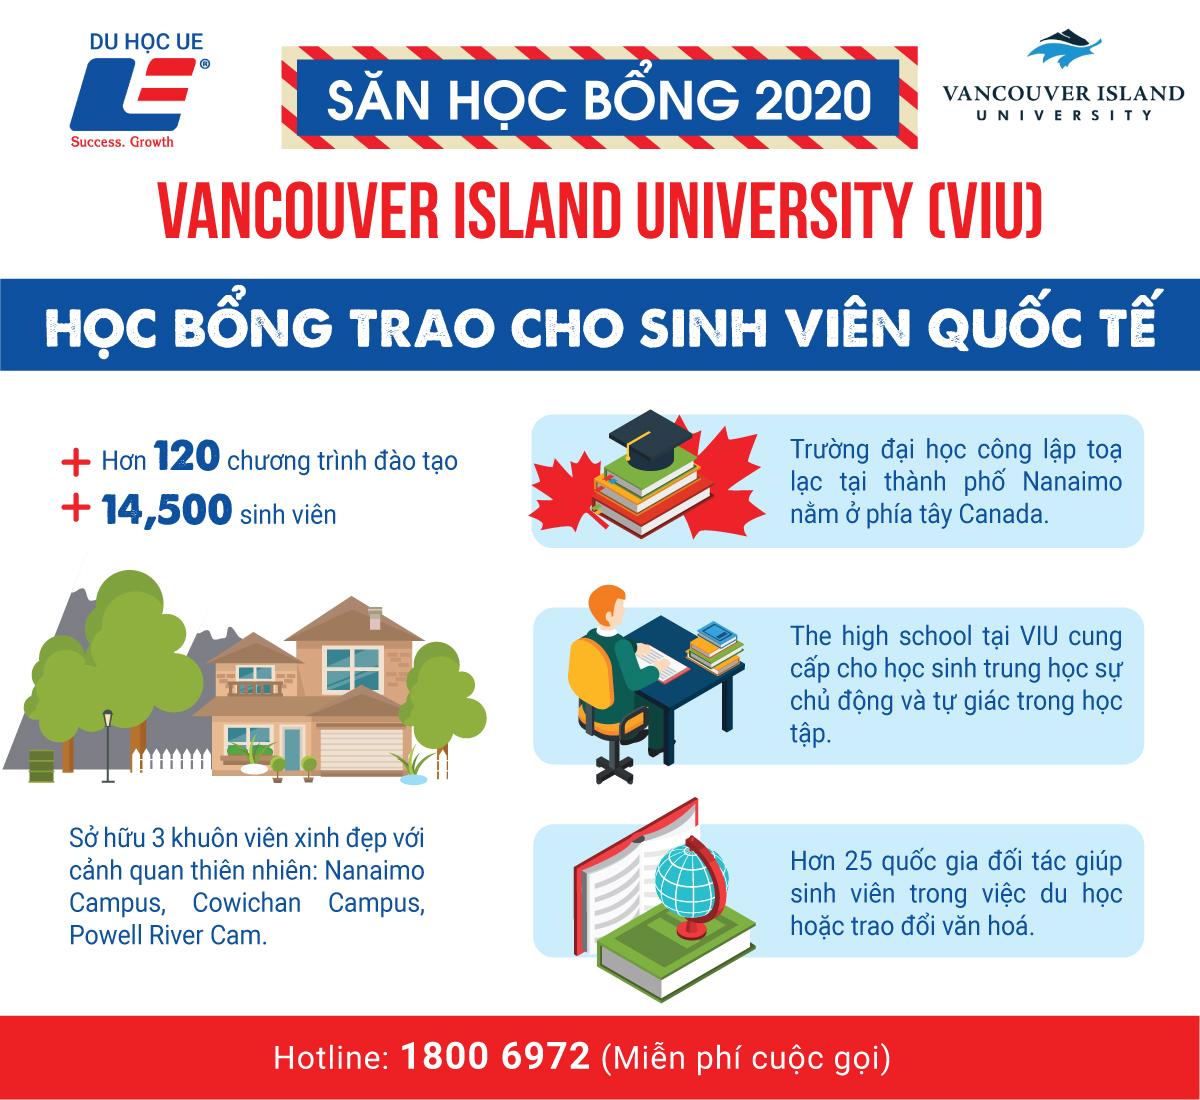 Cùng Du học UE chinh phục các suất học bổng danh giá tại Vancouver Island University, Canada